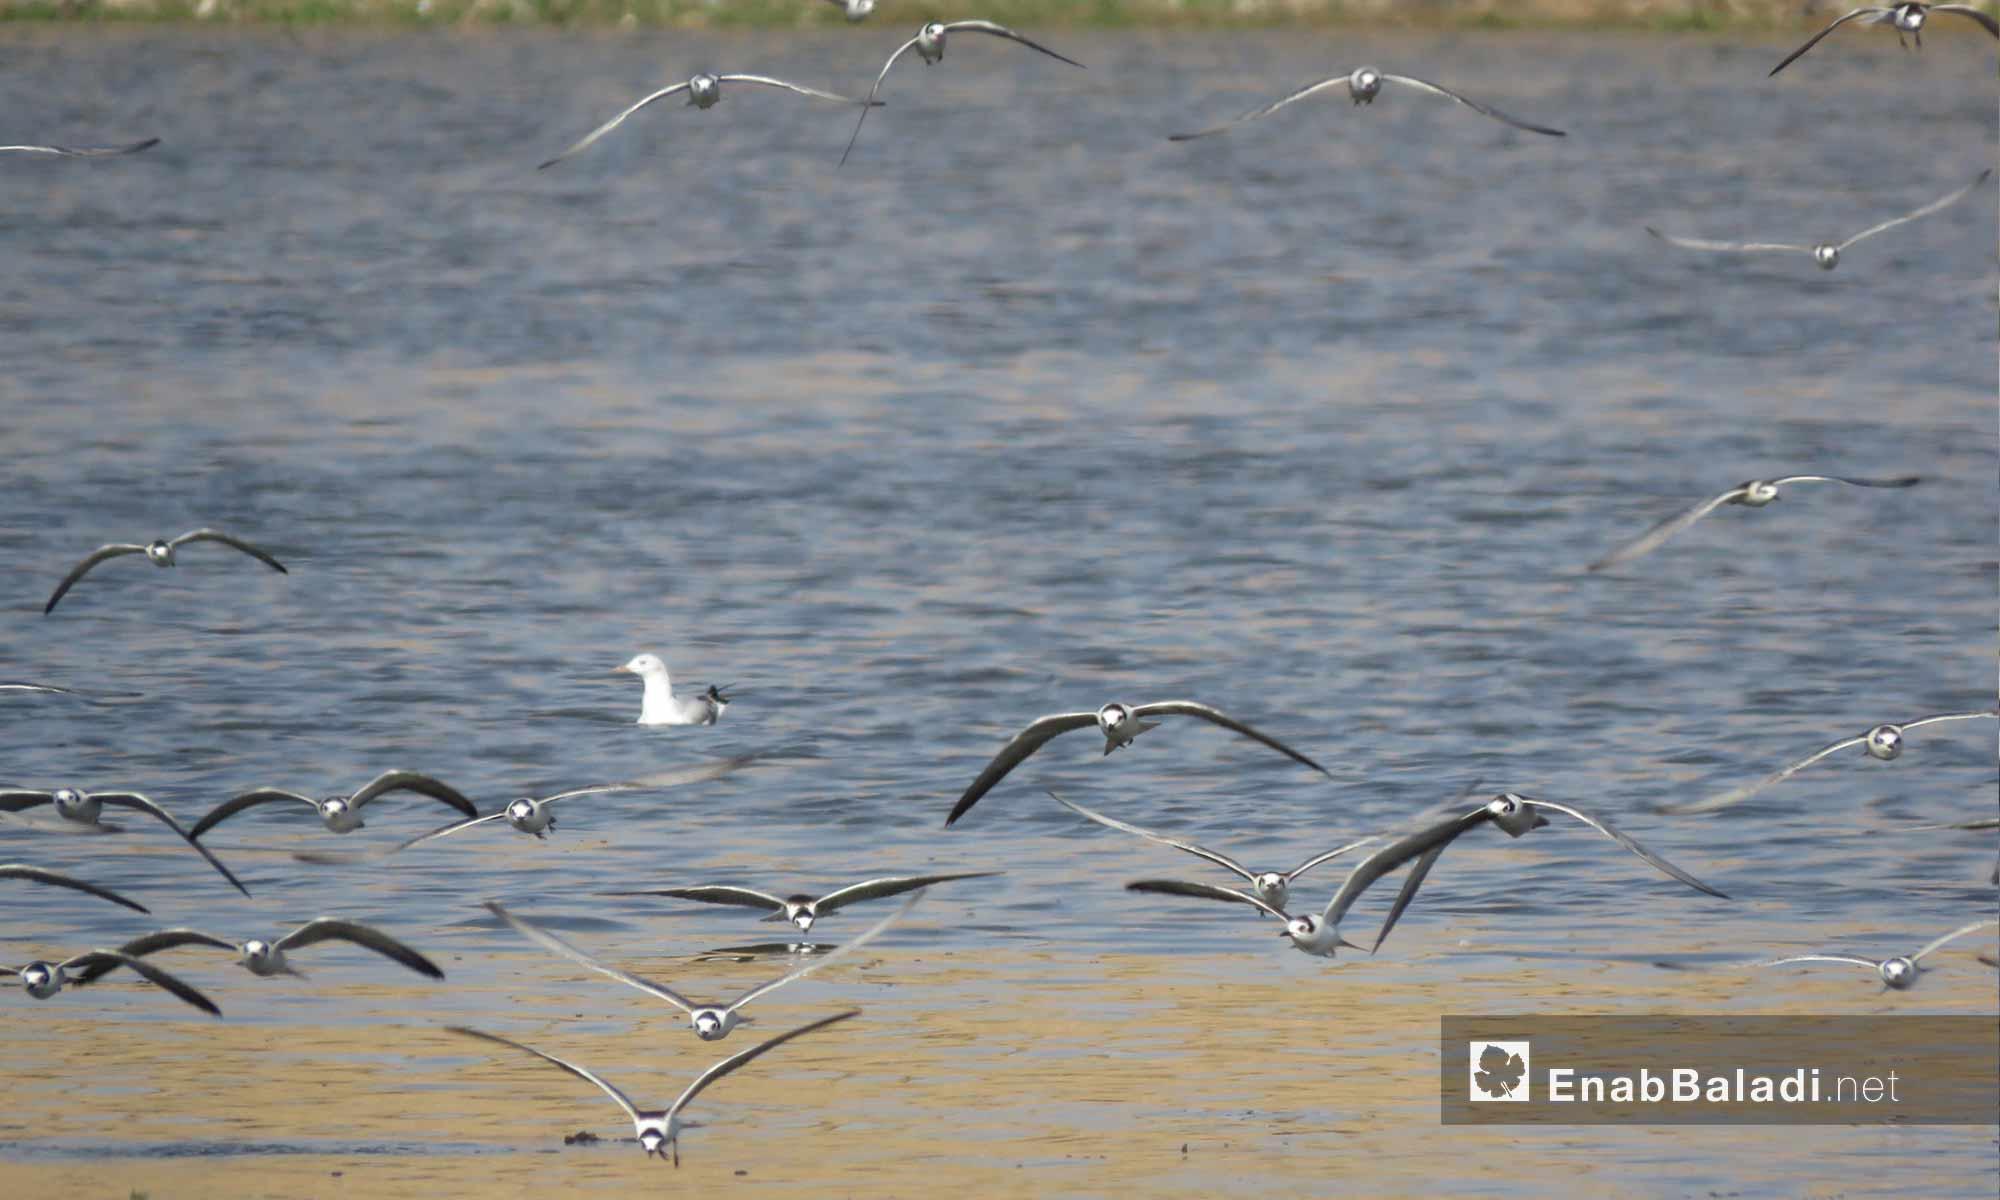 طيور فوق بحيرة سد الرستن في ريف حمص الشمالي - 9 أيلول 2017 (عنب بلدي)